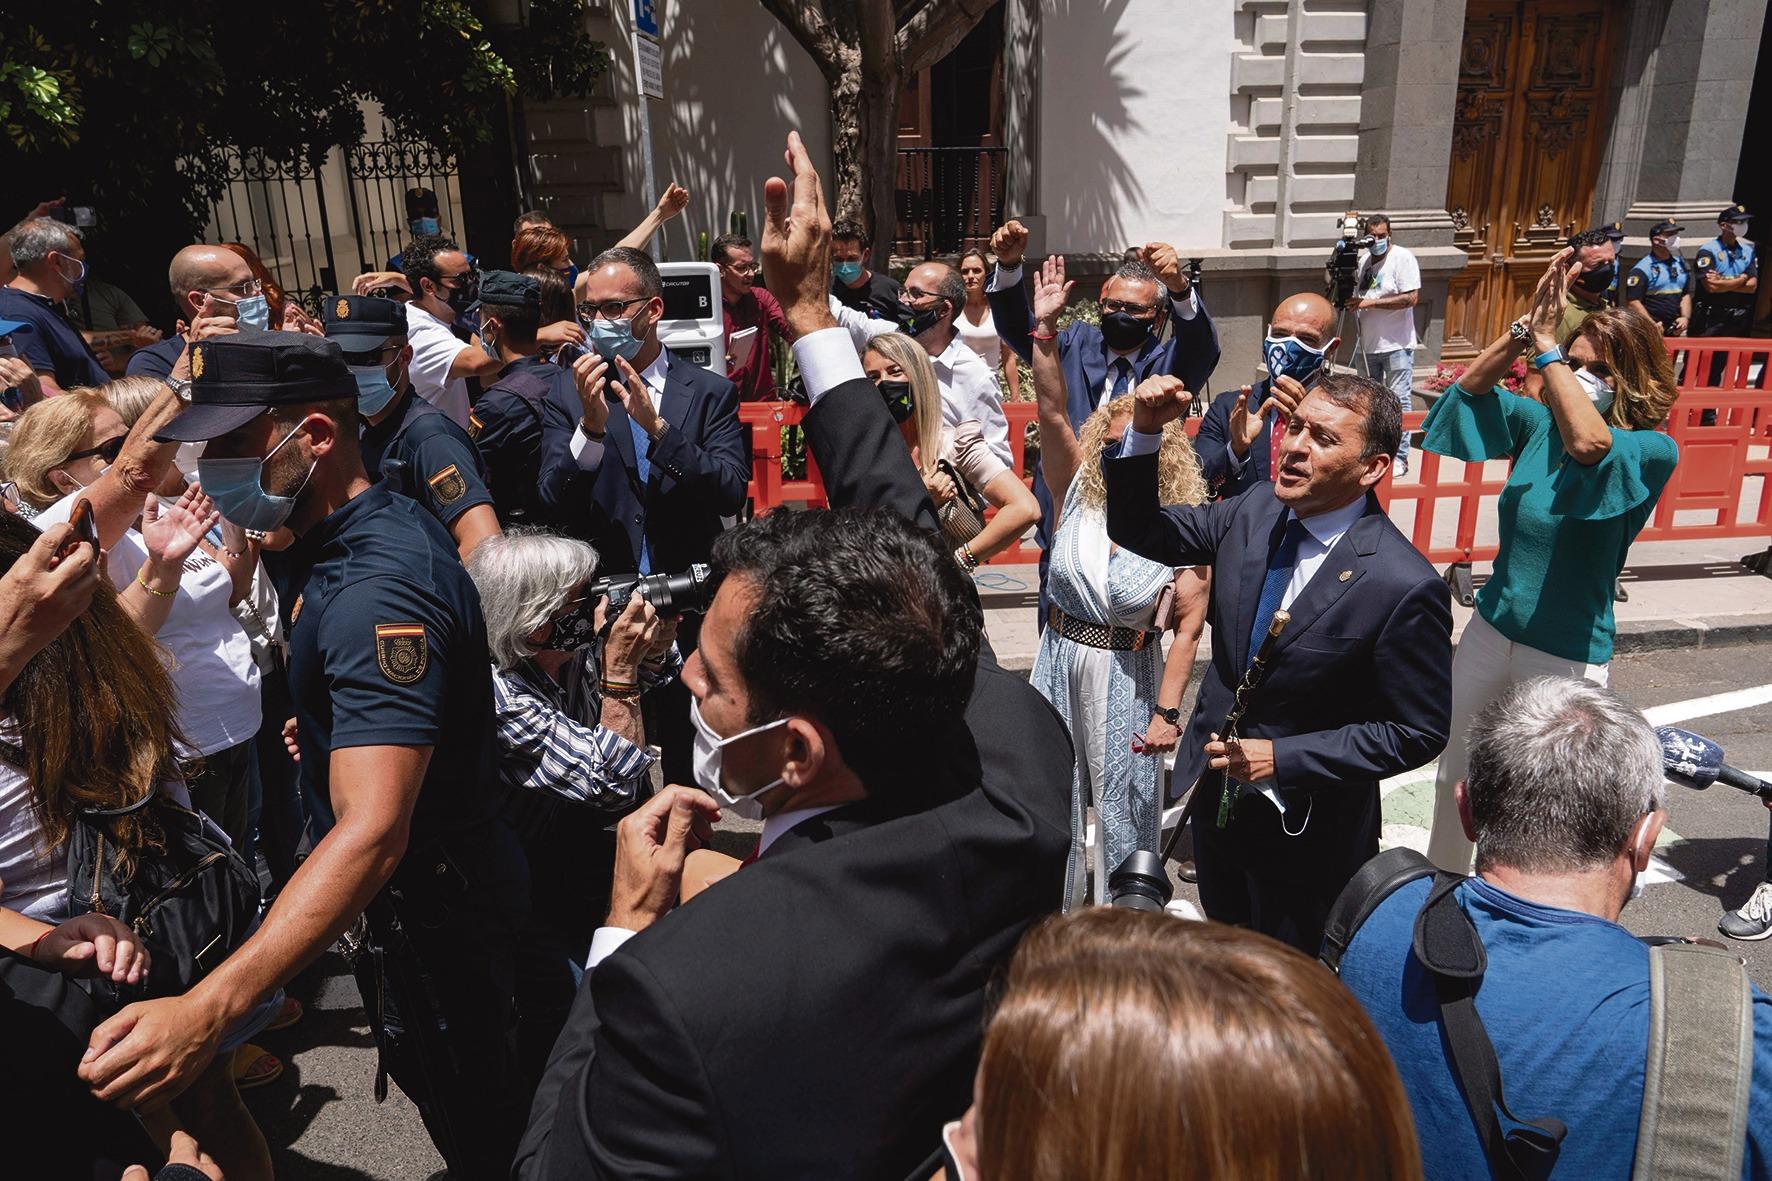 Der neue alte Bürgermeister lässt sich vor dem Rathaus von Sympathisanten feiern. Foto: efe